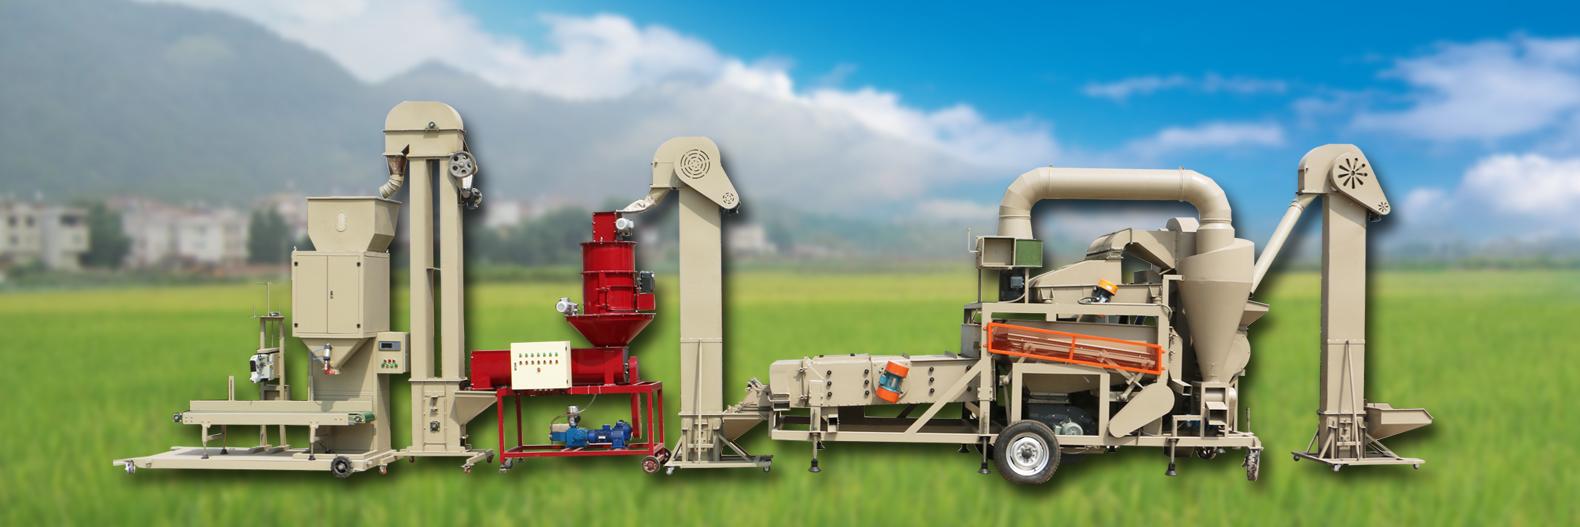 Seed machine